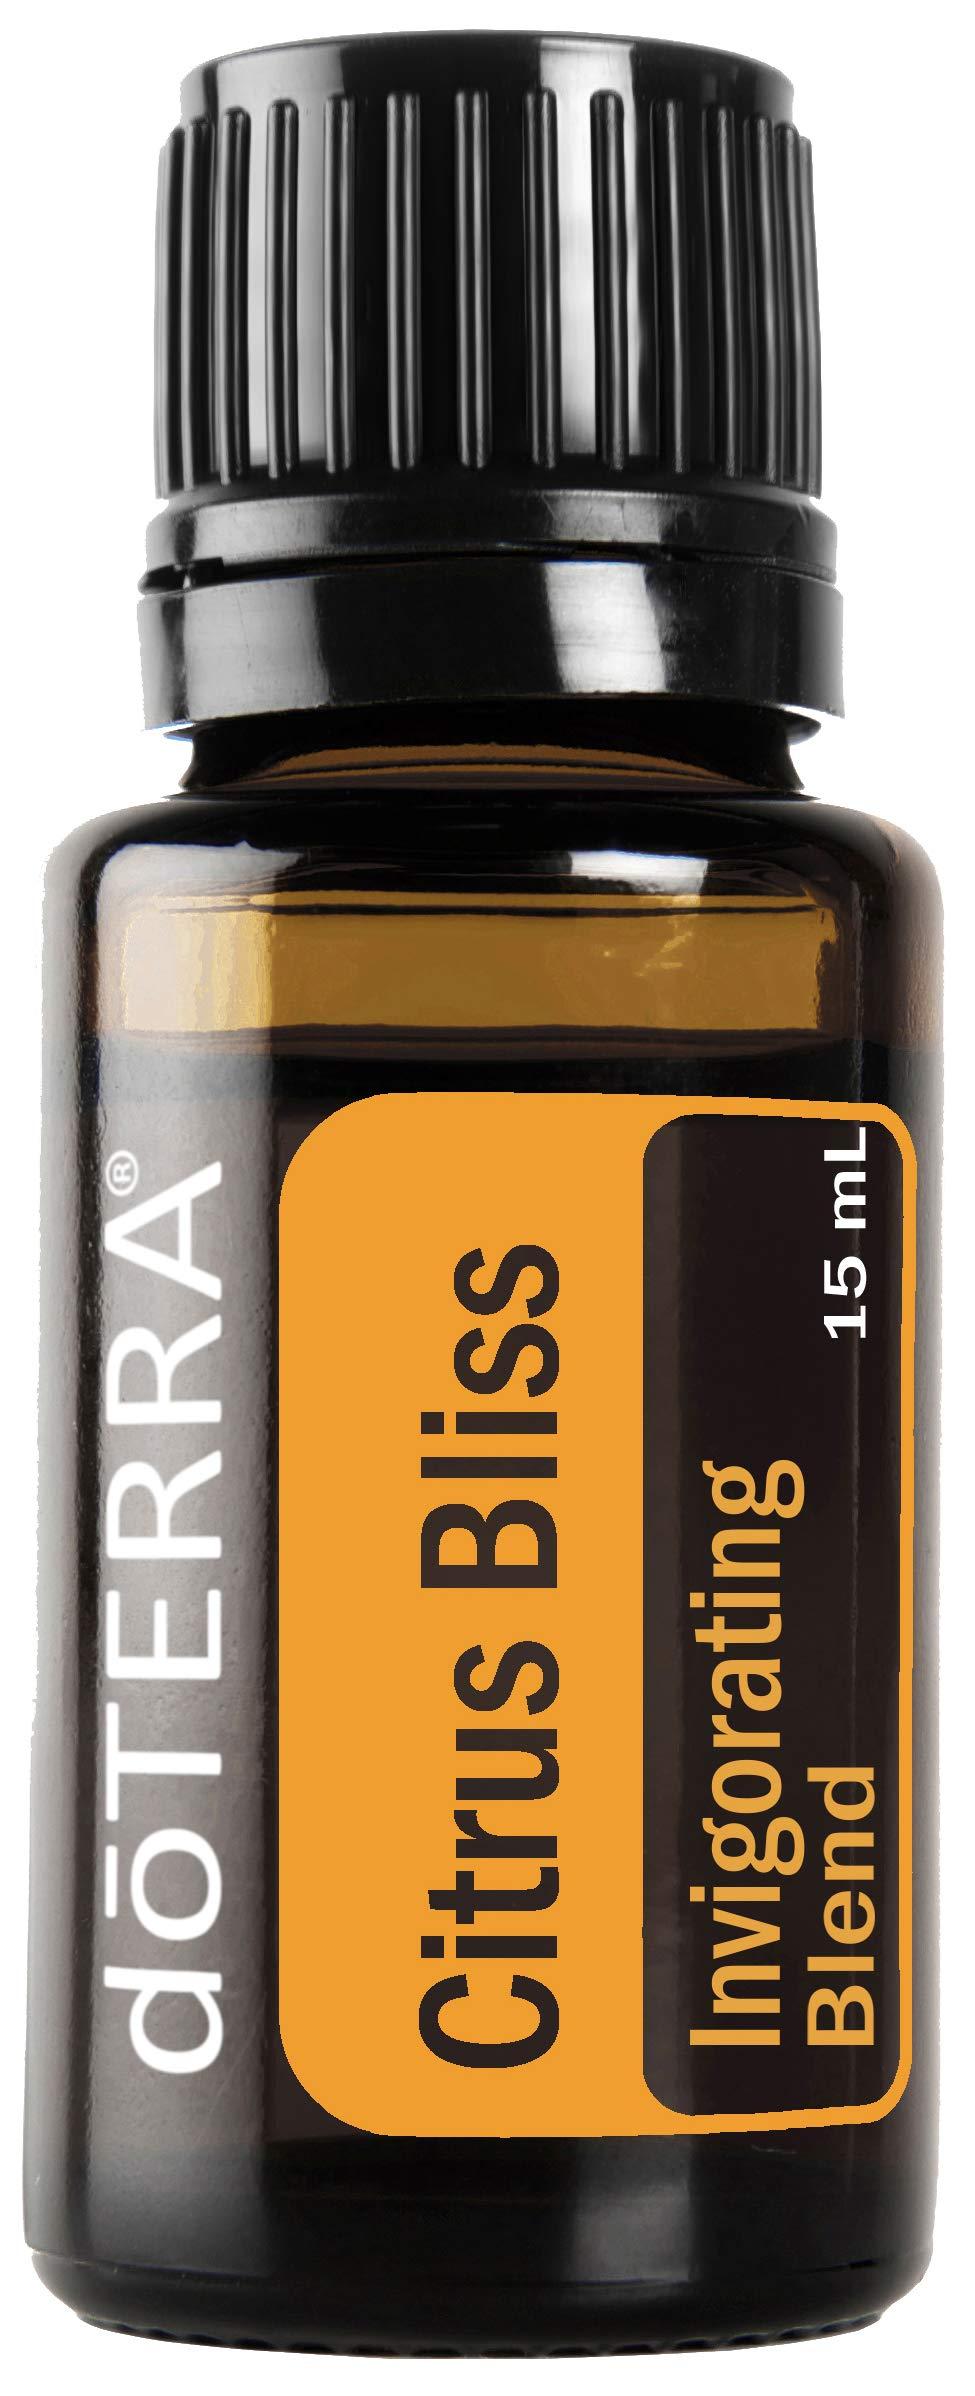 doTERRA - Citrus Bliss Essential Oil Invigorating Blend - 15 mL